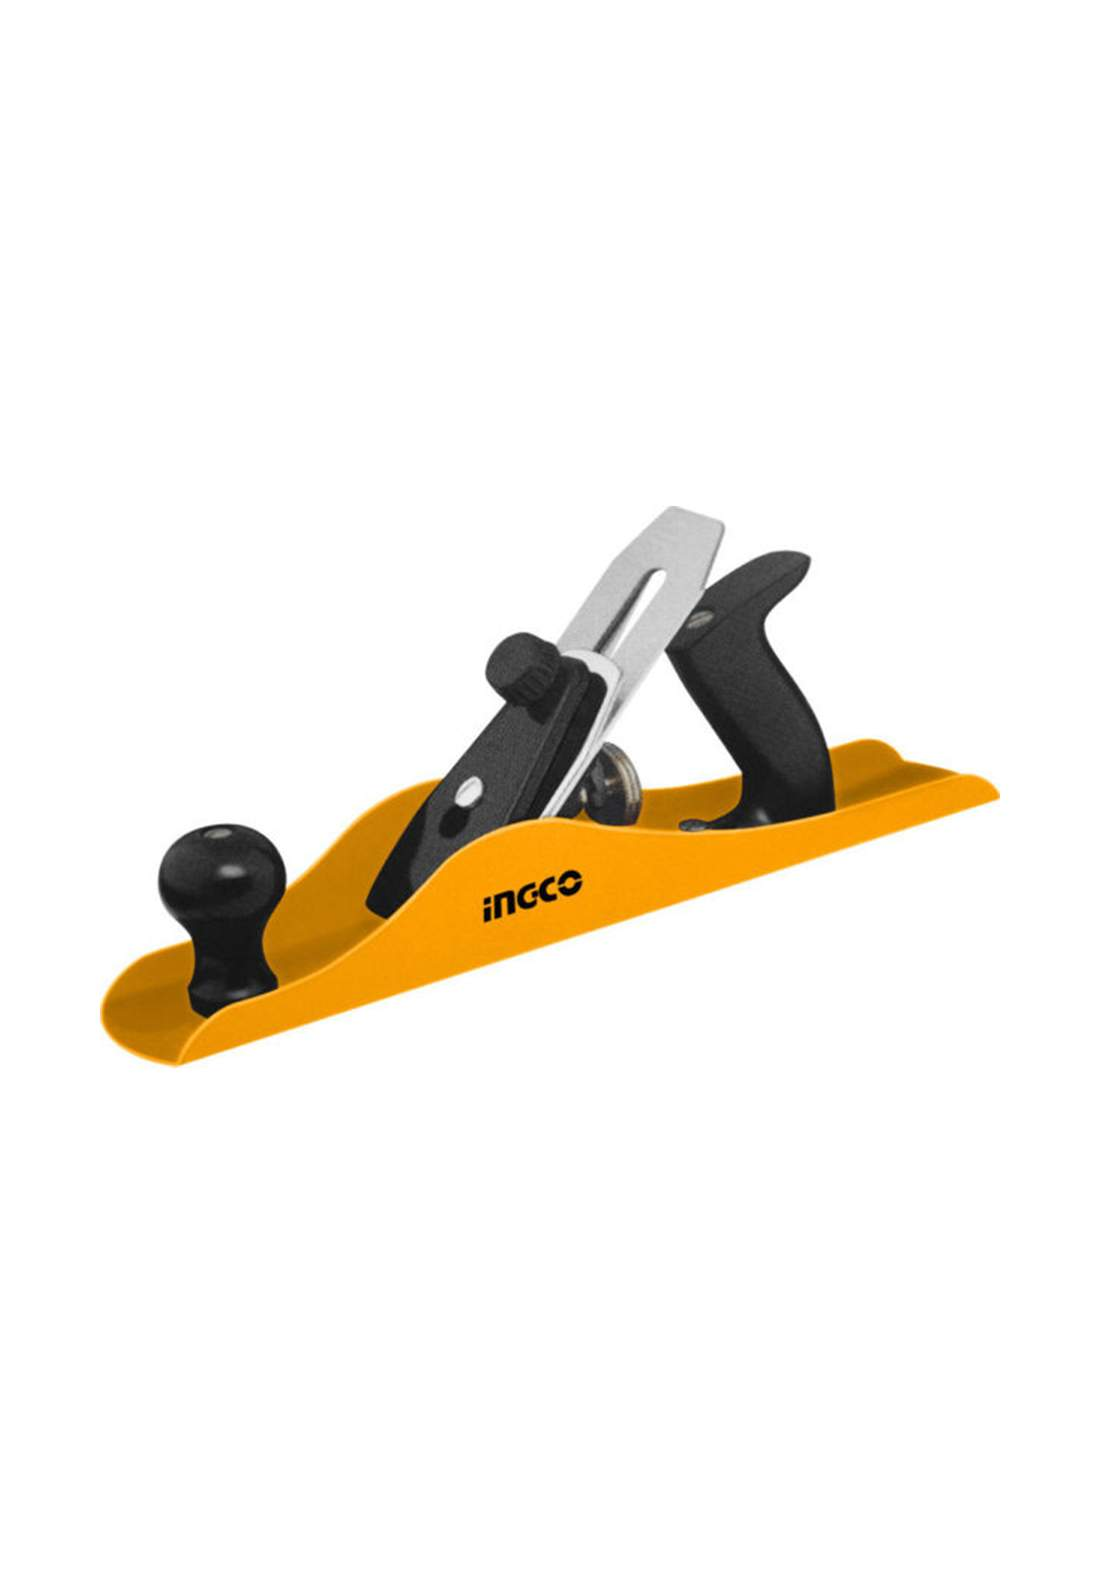 Ingco HPL01355 Iron Wood Planer - 355mm (ريبون نجاري كبير)المسوي